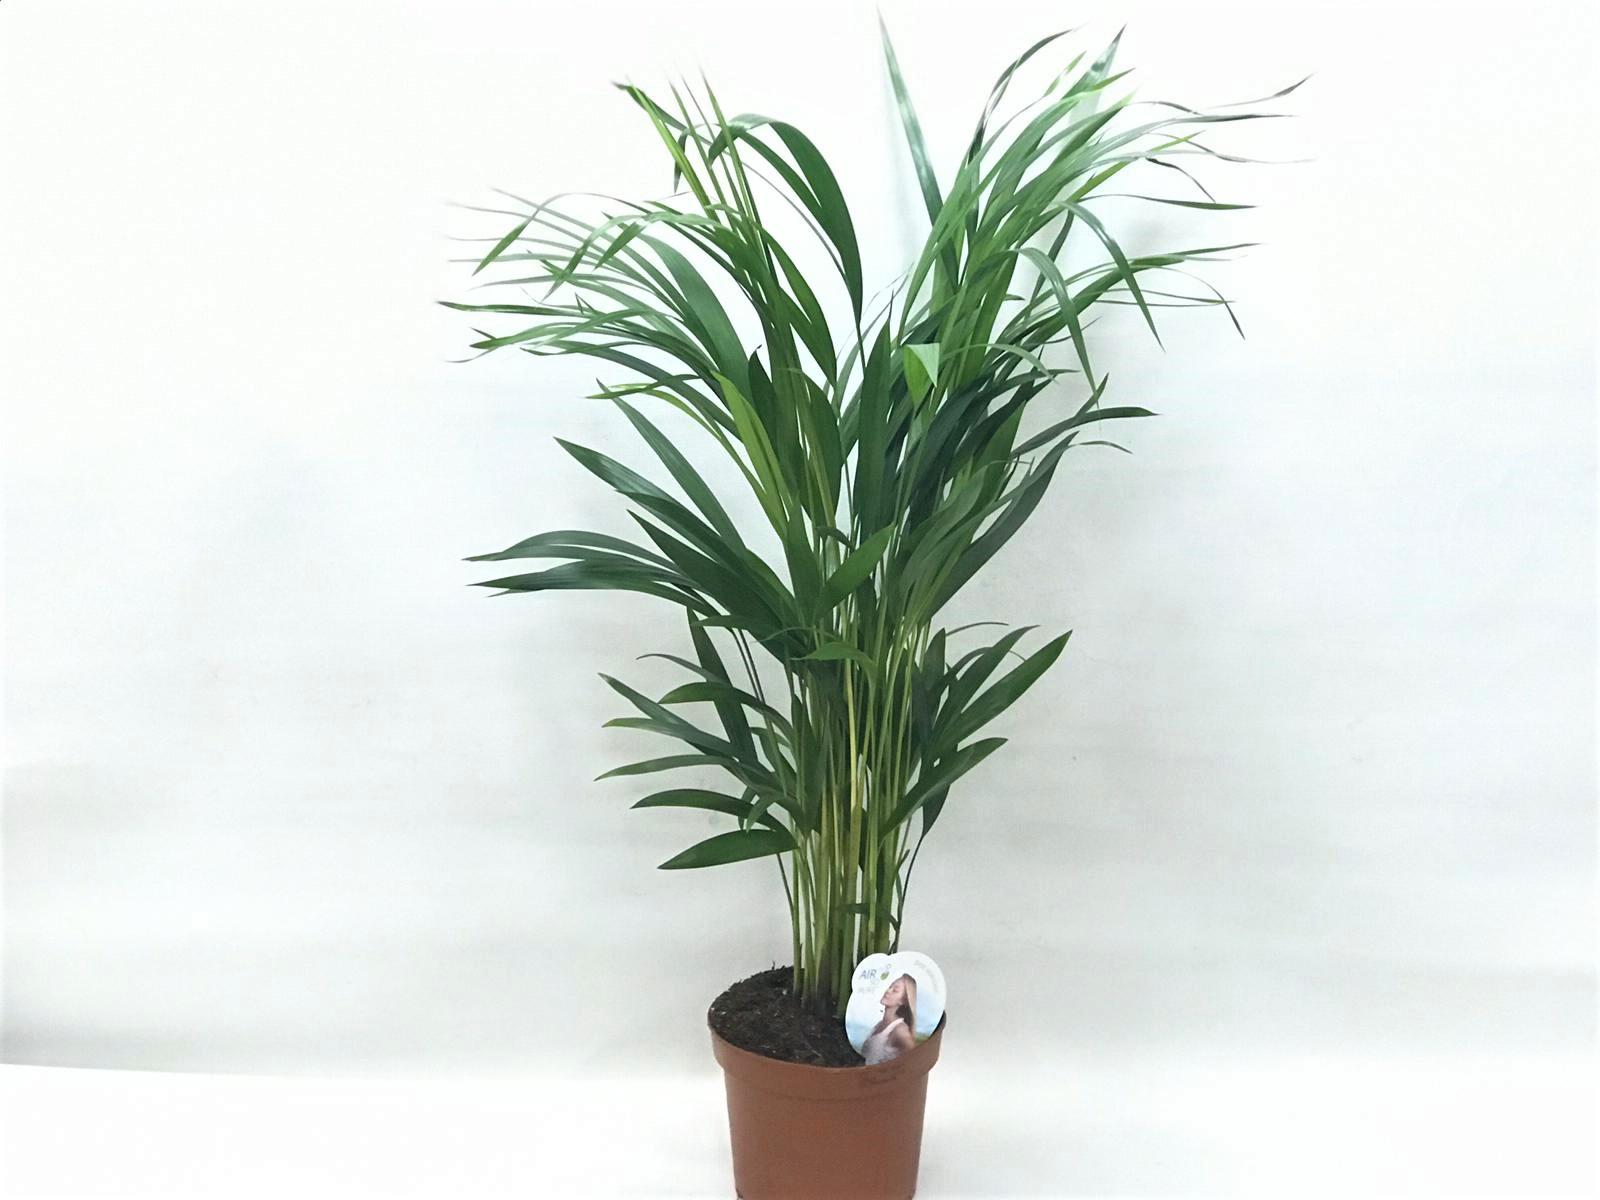 dypsis 60 Indoor Plants Trees